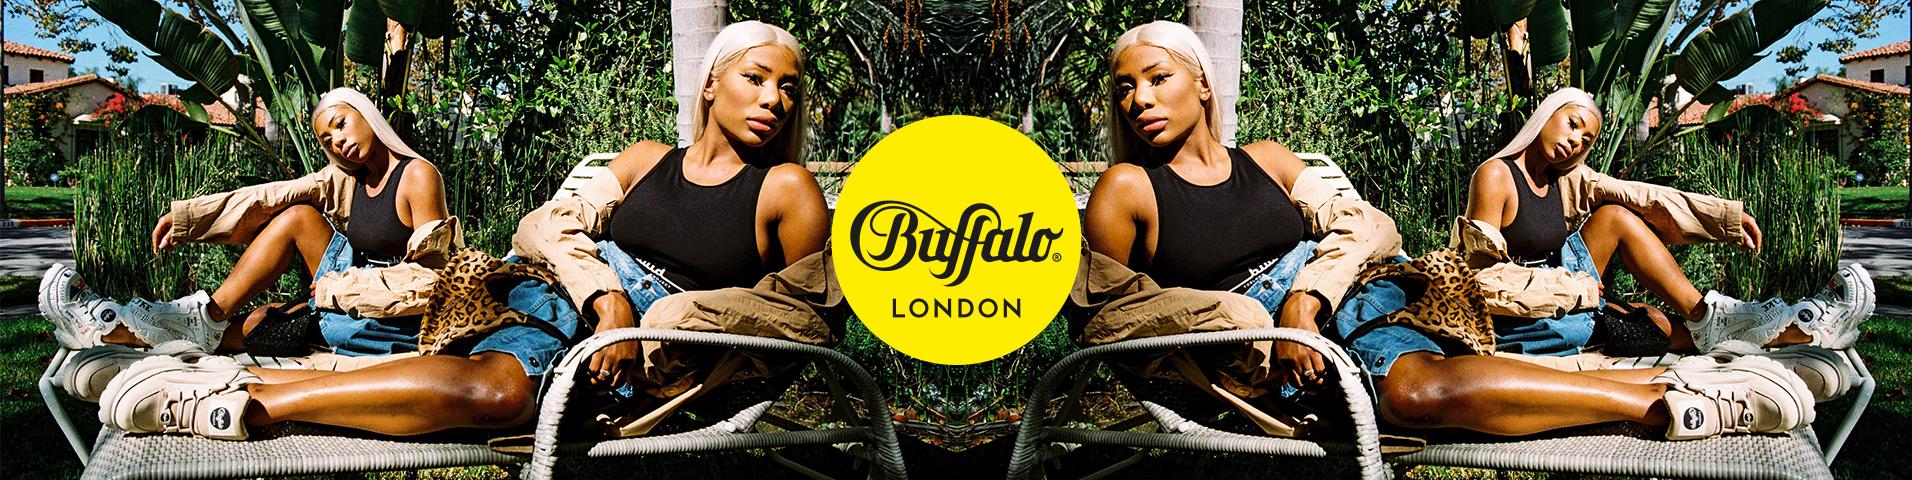 Buffalo London Ankelboots | Dam | Köp dina stövletter online